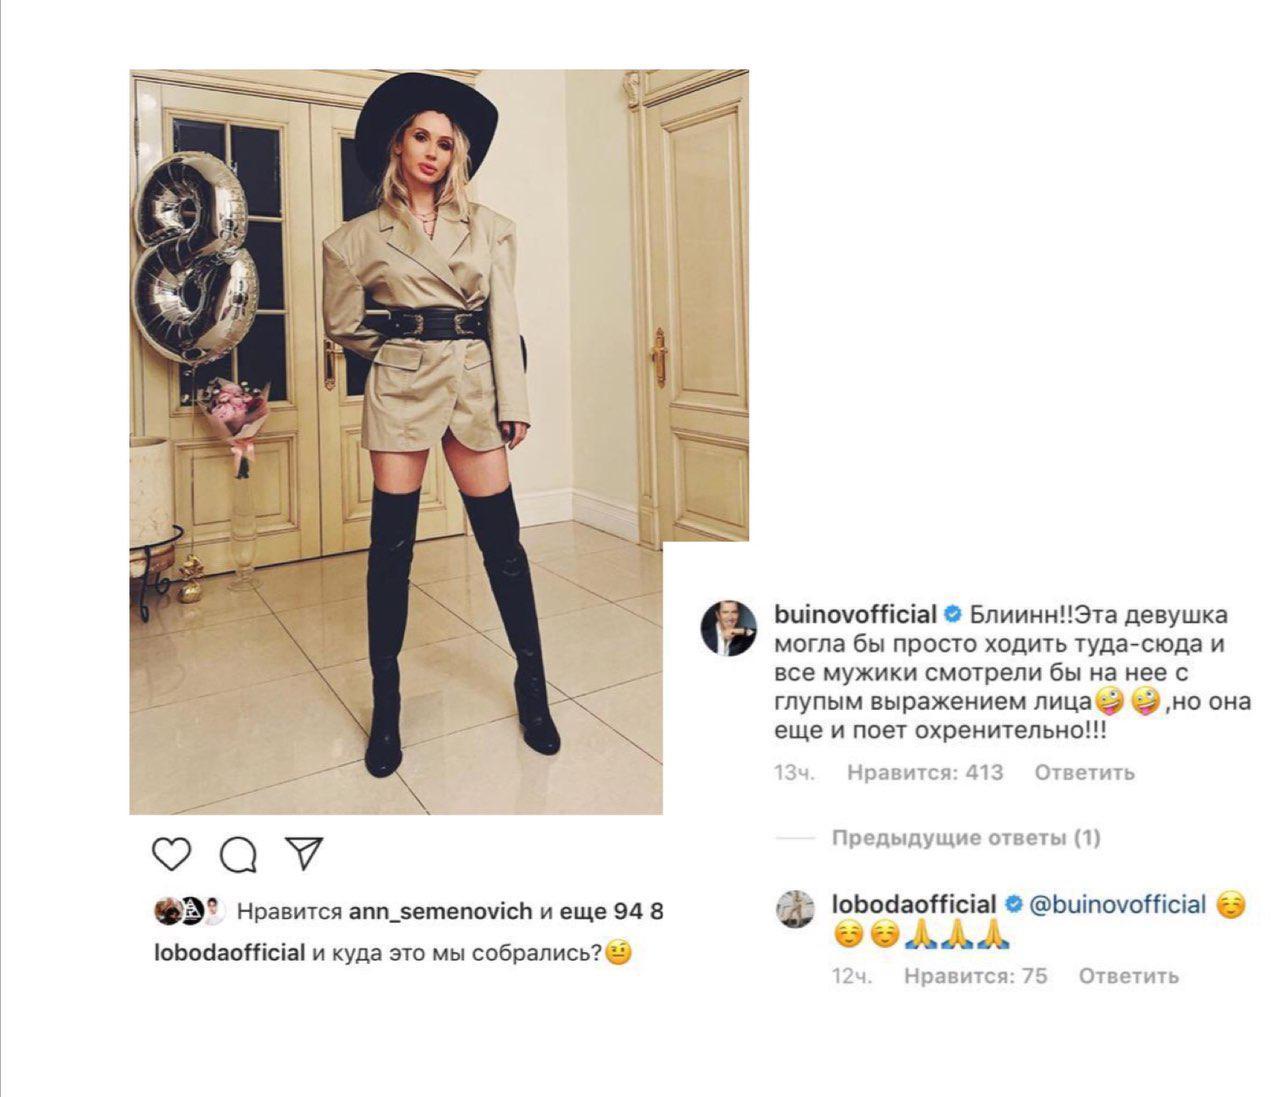 Александр Буйнов осыпал комплиментами Светлану Лободу всоциальных сетях